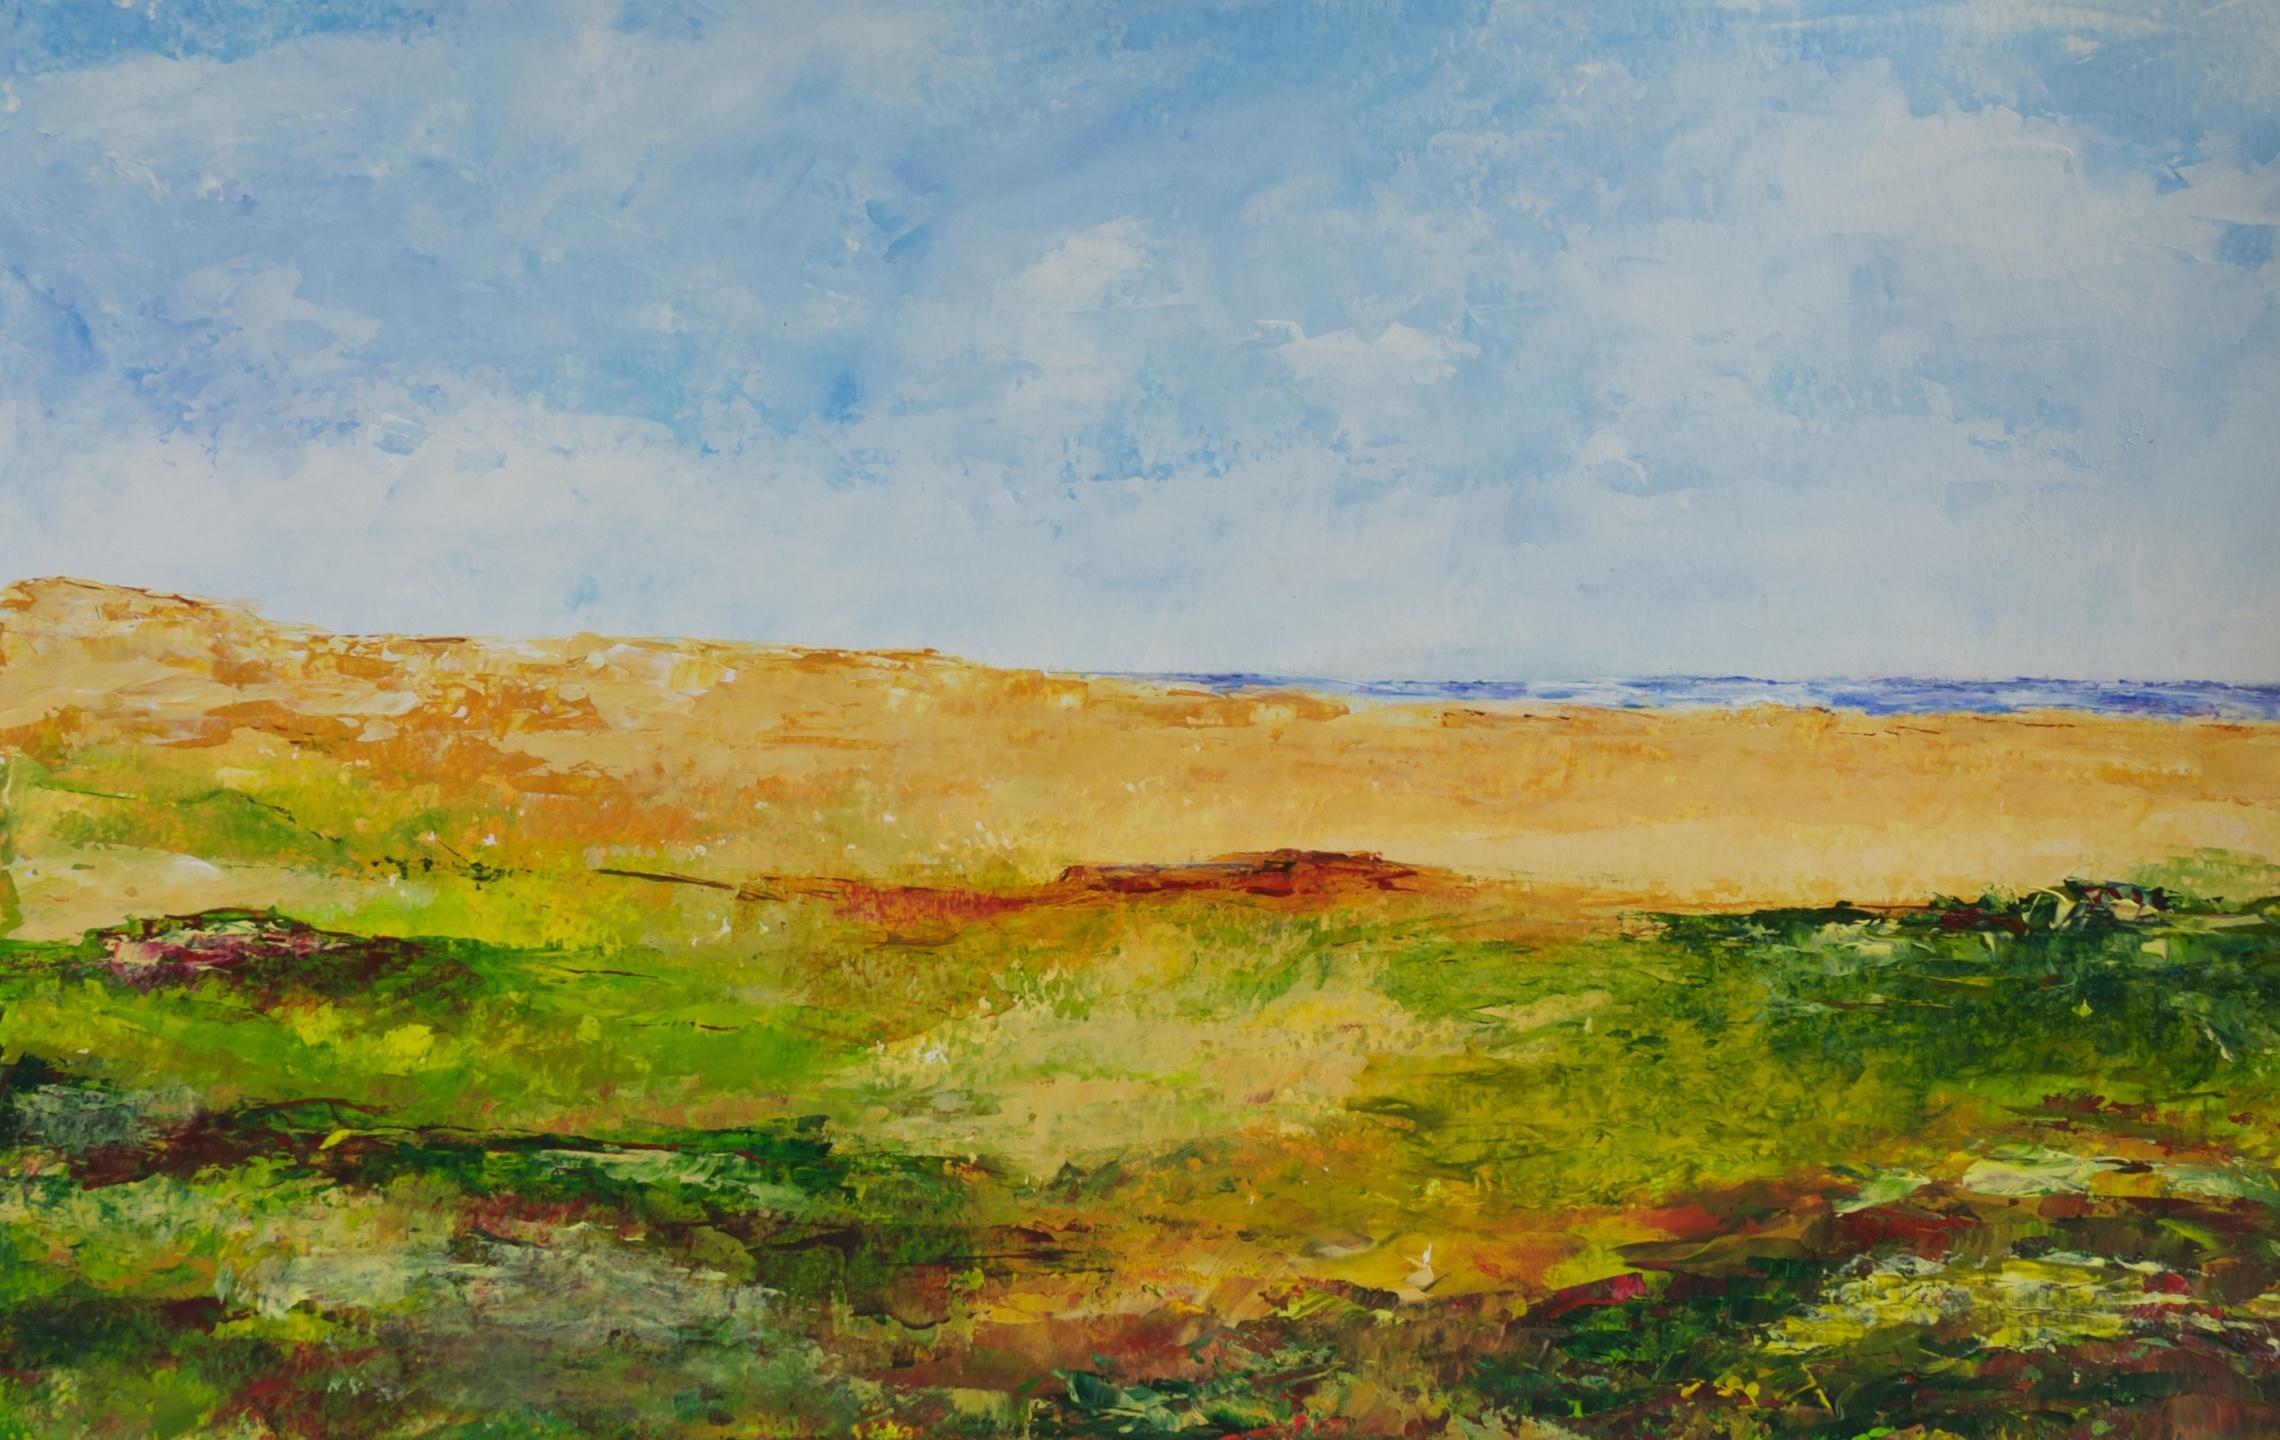 320 - Duinlandschap in de zomer